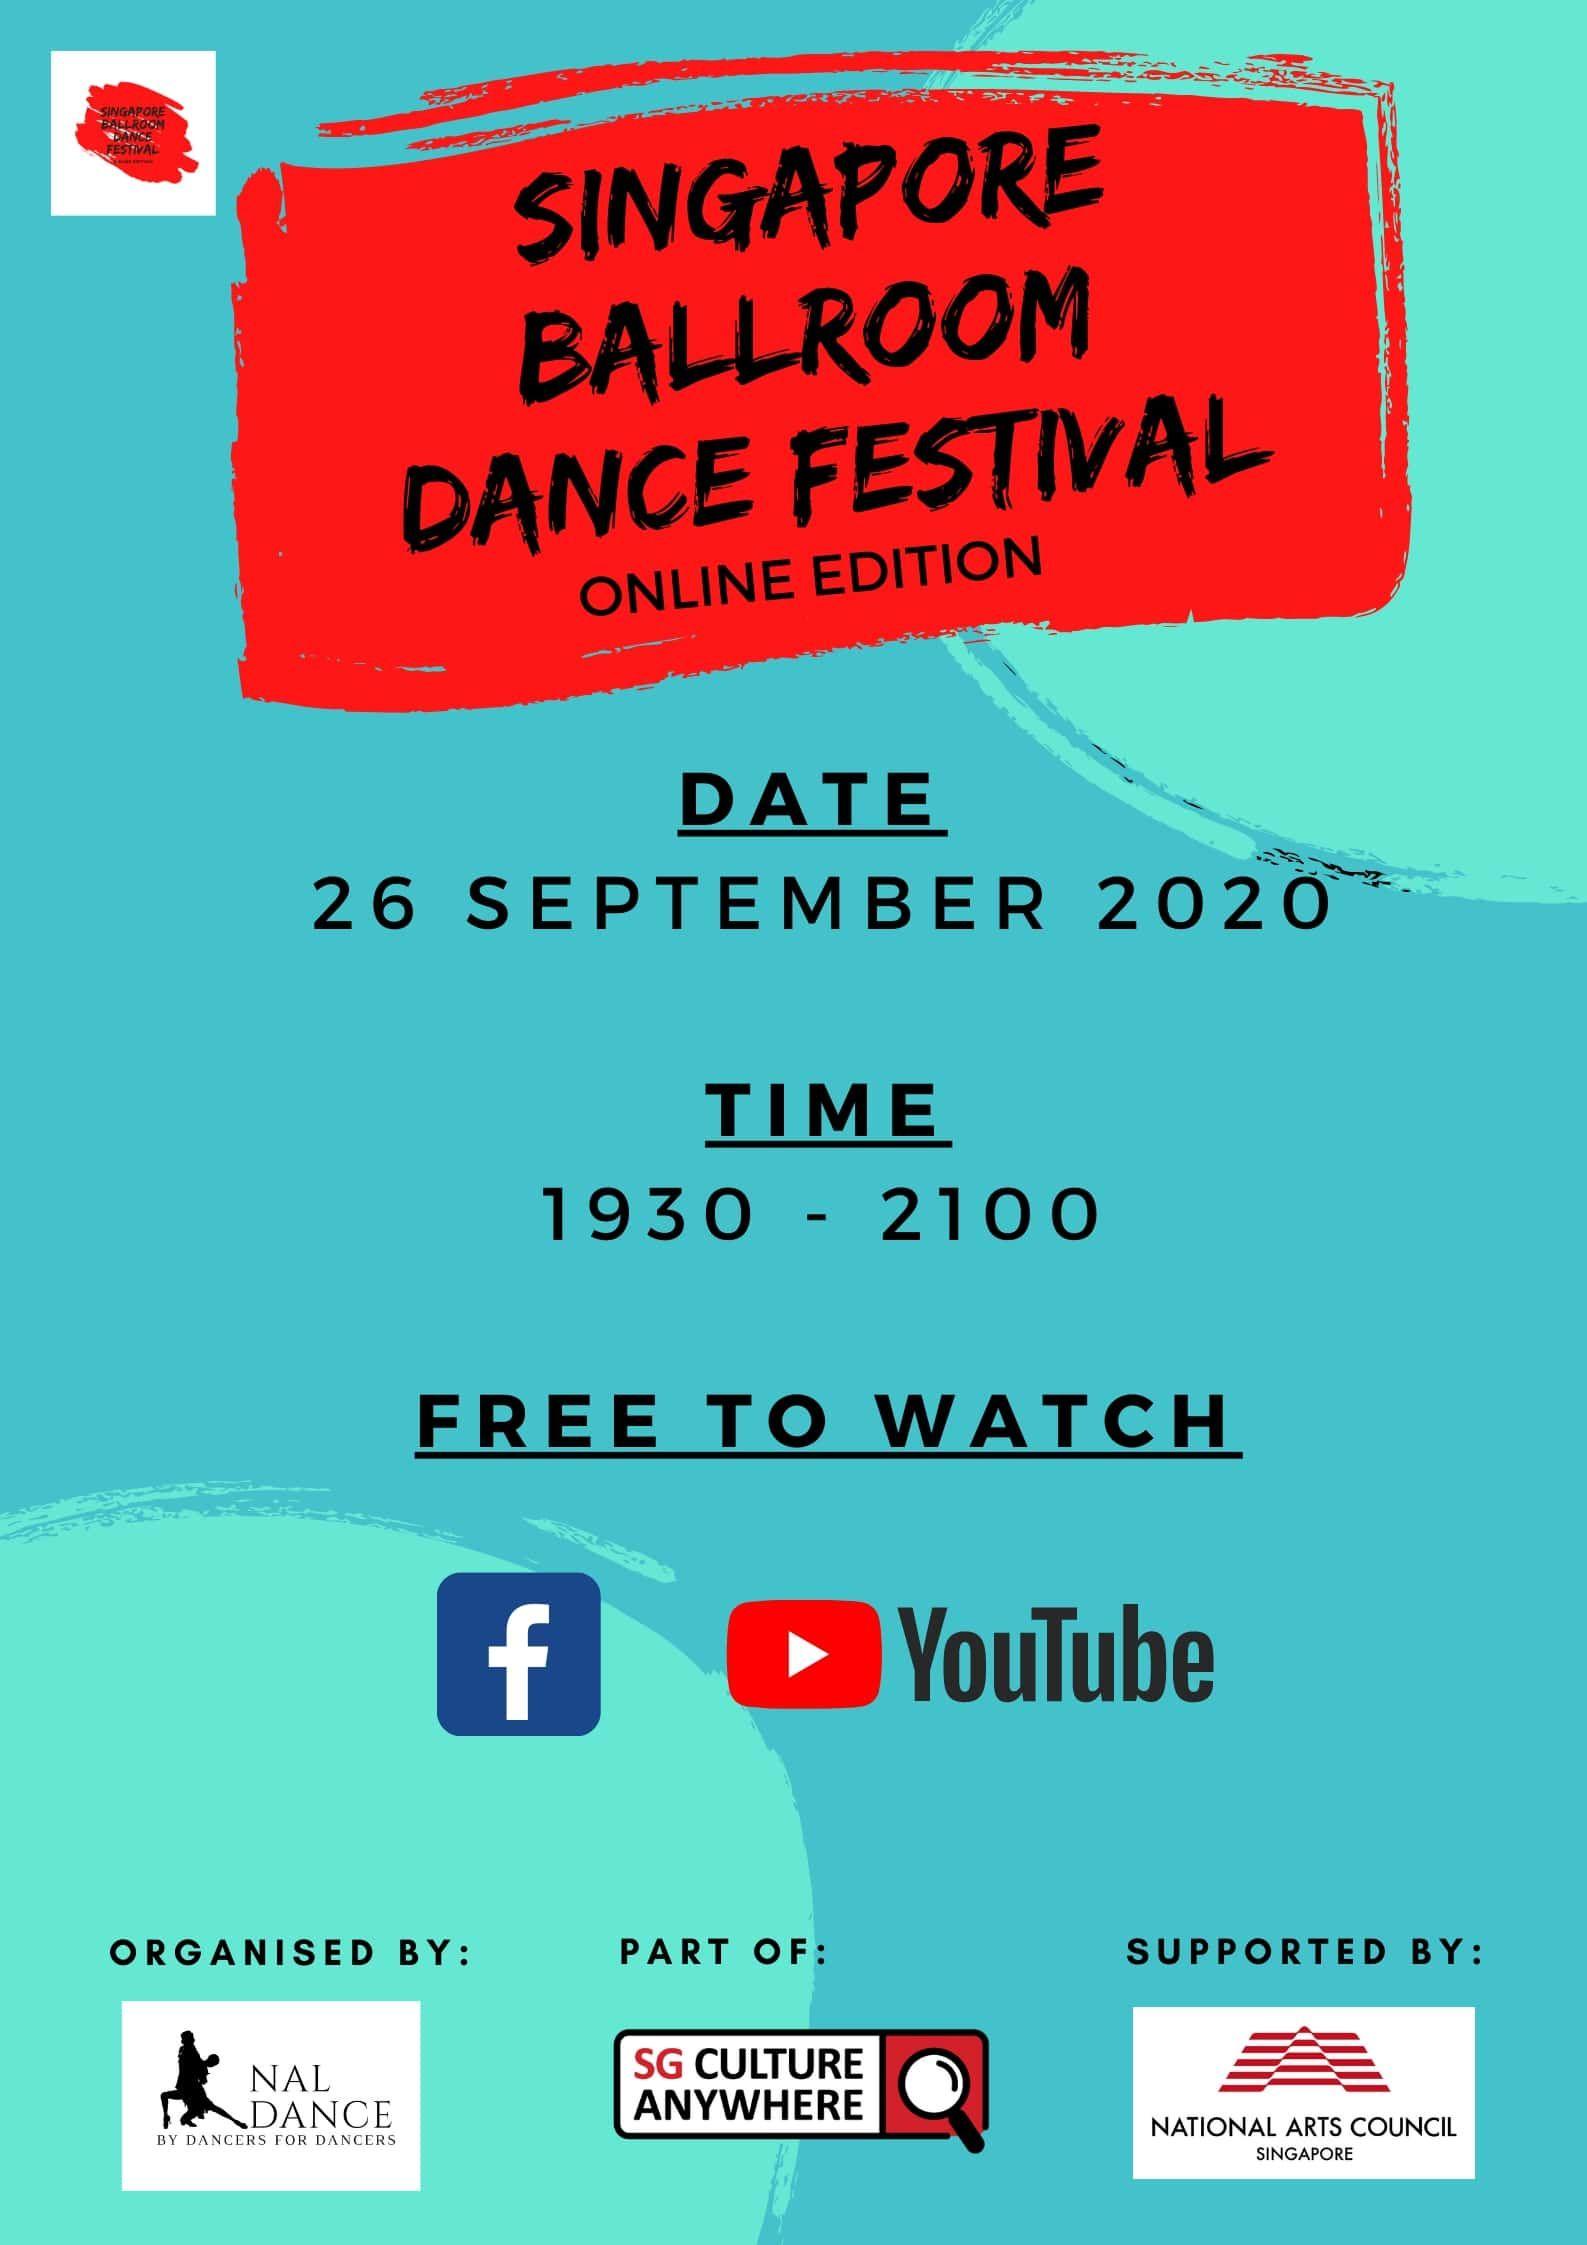 Singapore Ballroom Dance Festival: Online Edition – 26 September 2020